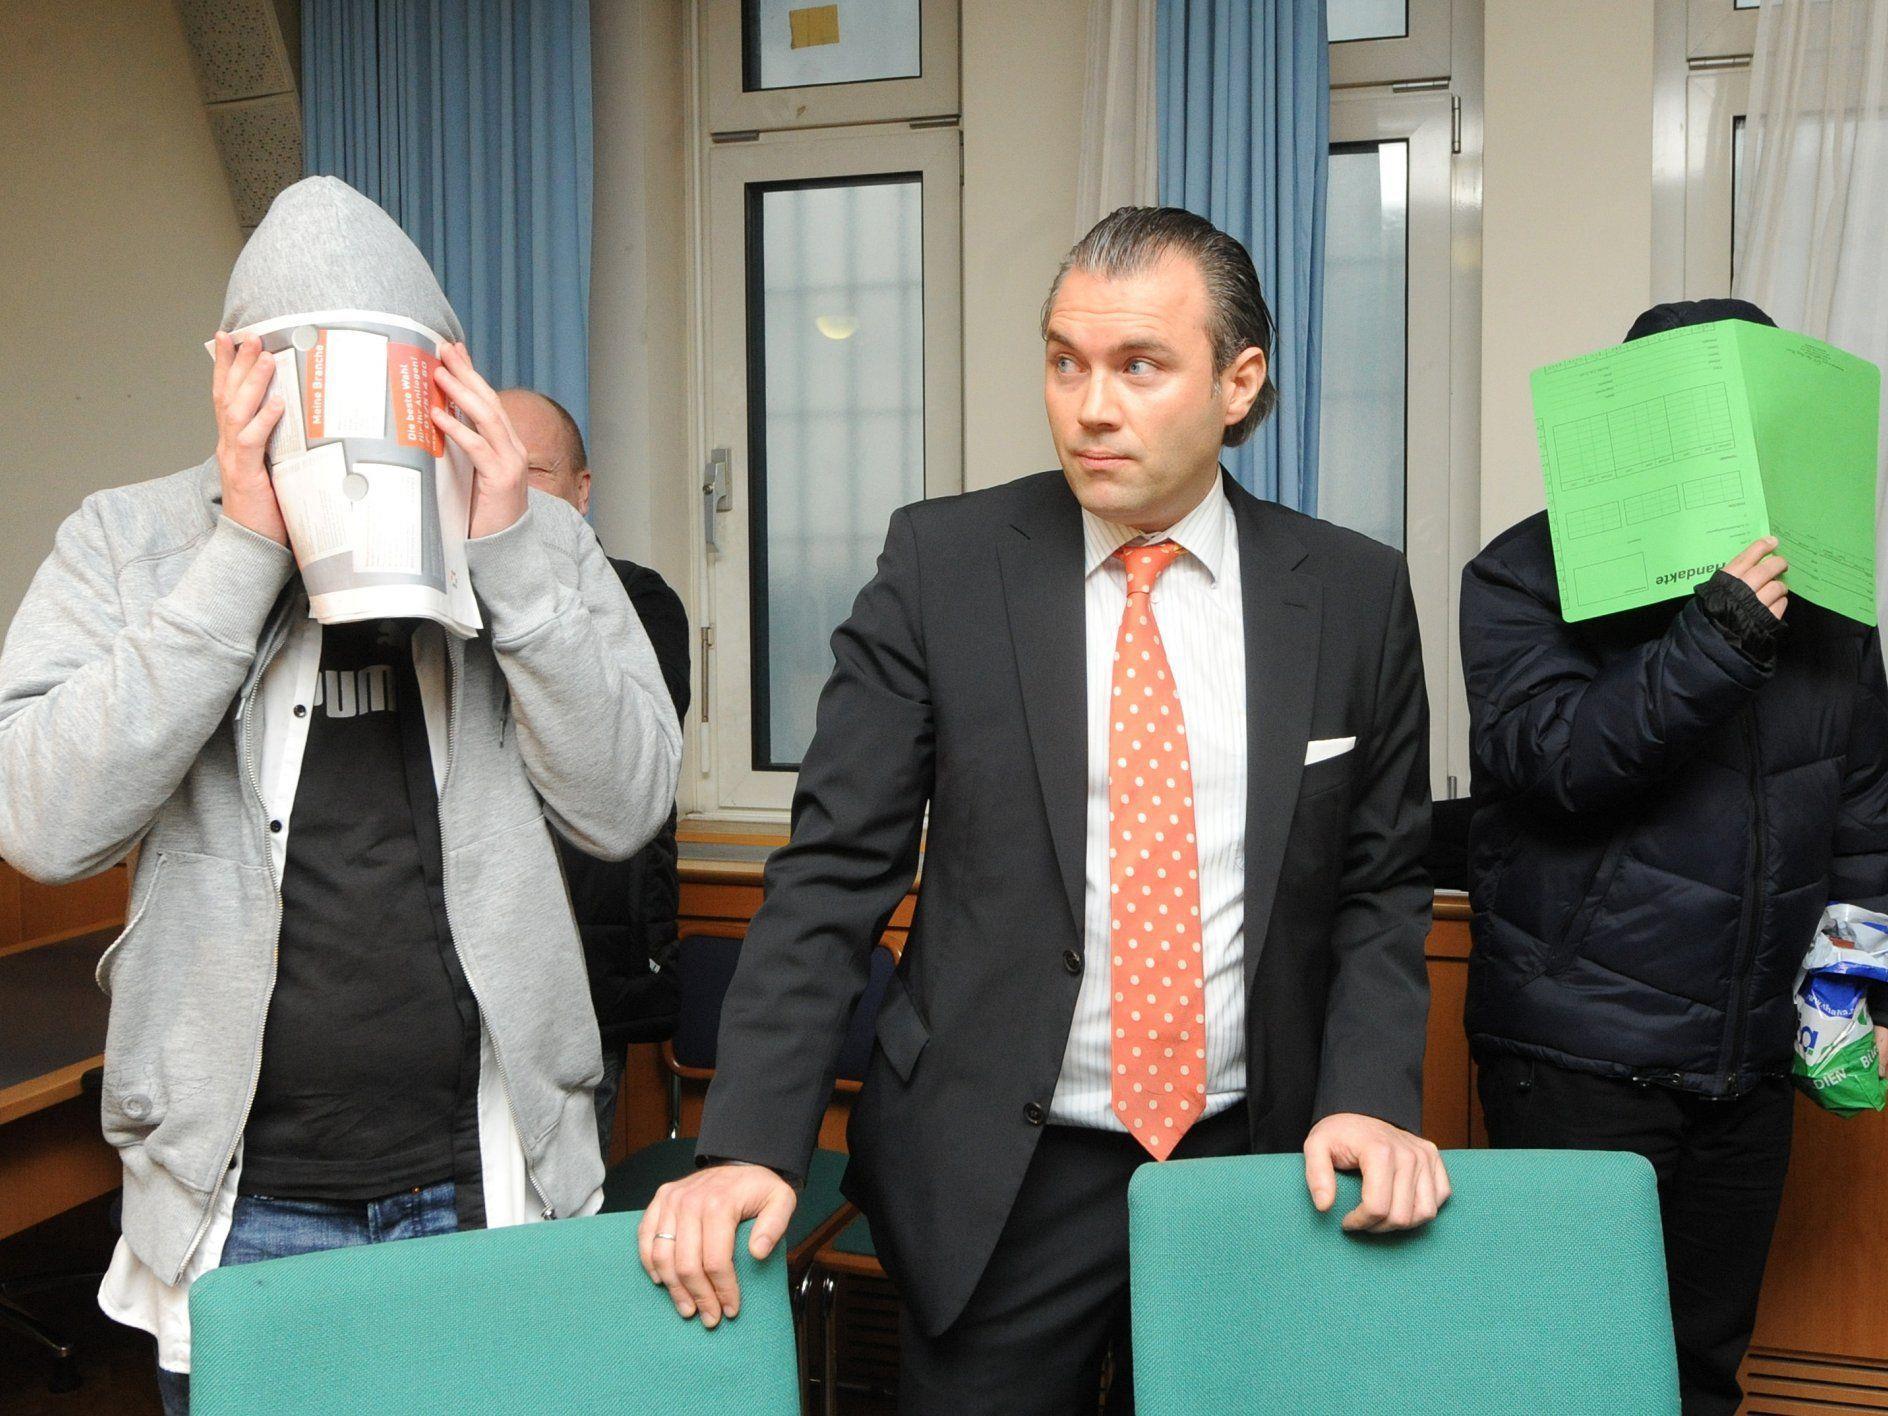 Die Angeklagten im Heckenschützen-Prozess legten am Freitag Geständnisse ab.